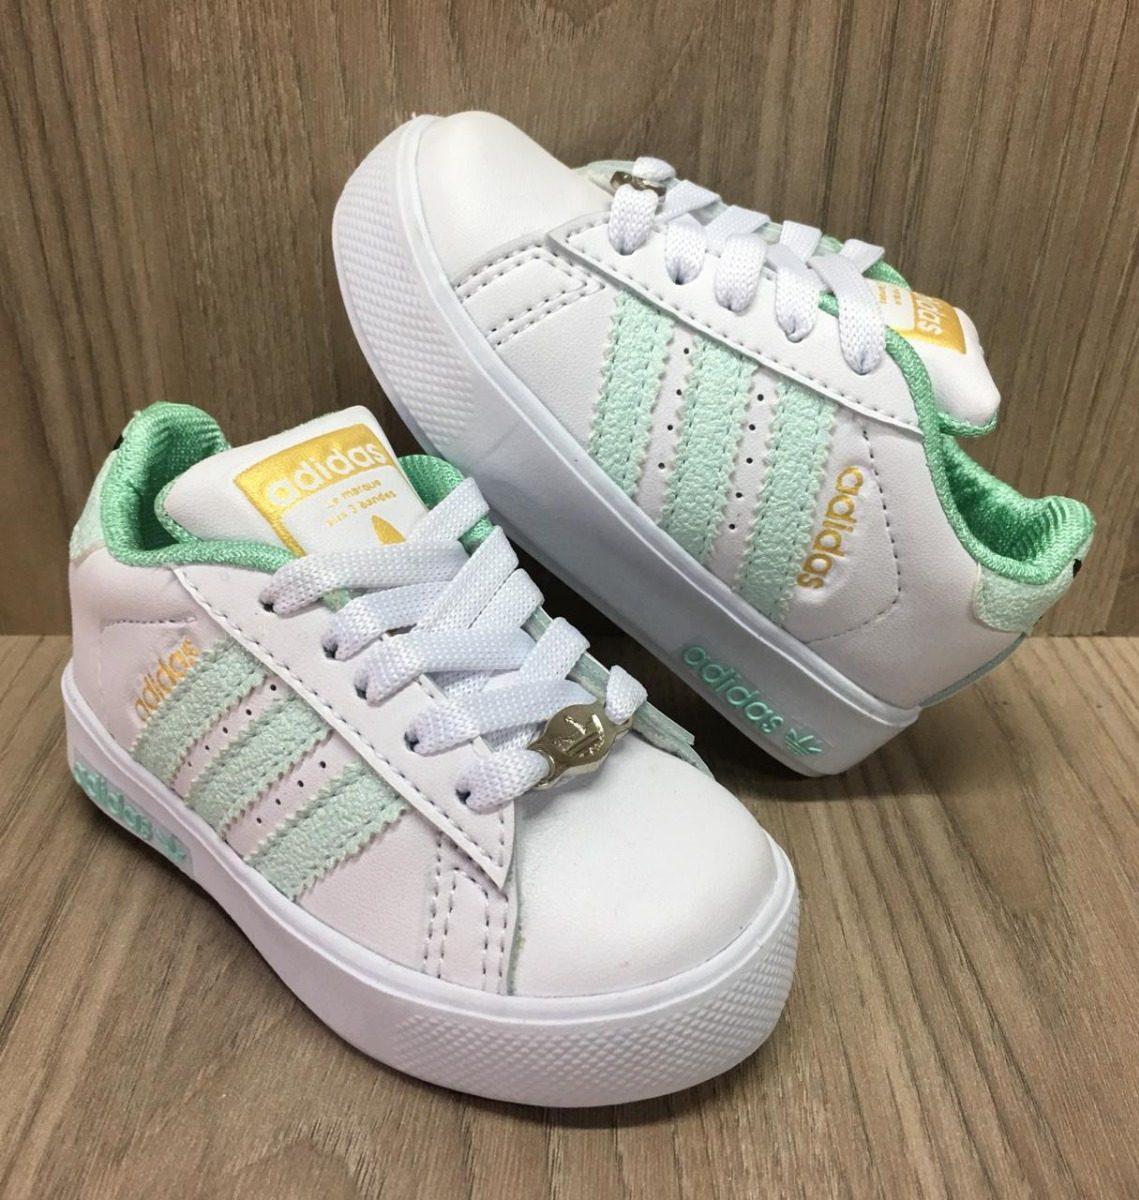 Zapatillas Tenis adidas Para Niñas Tallas Del 21 Al 33 -   89.900 en ... 3fba0055e2a08